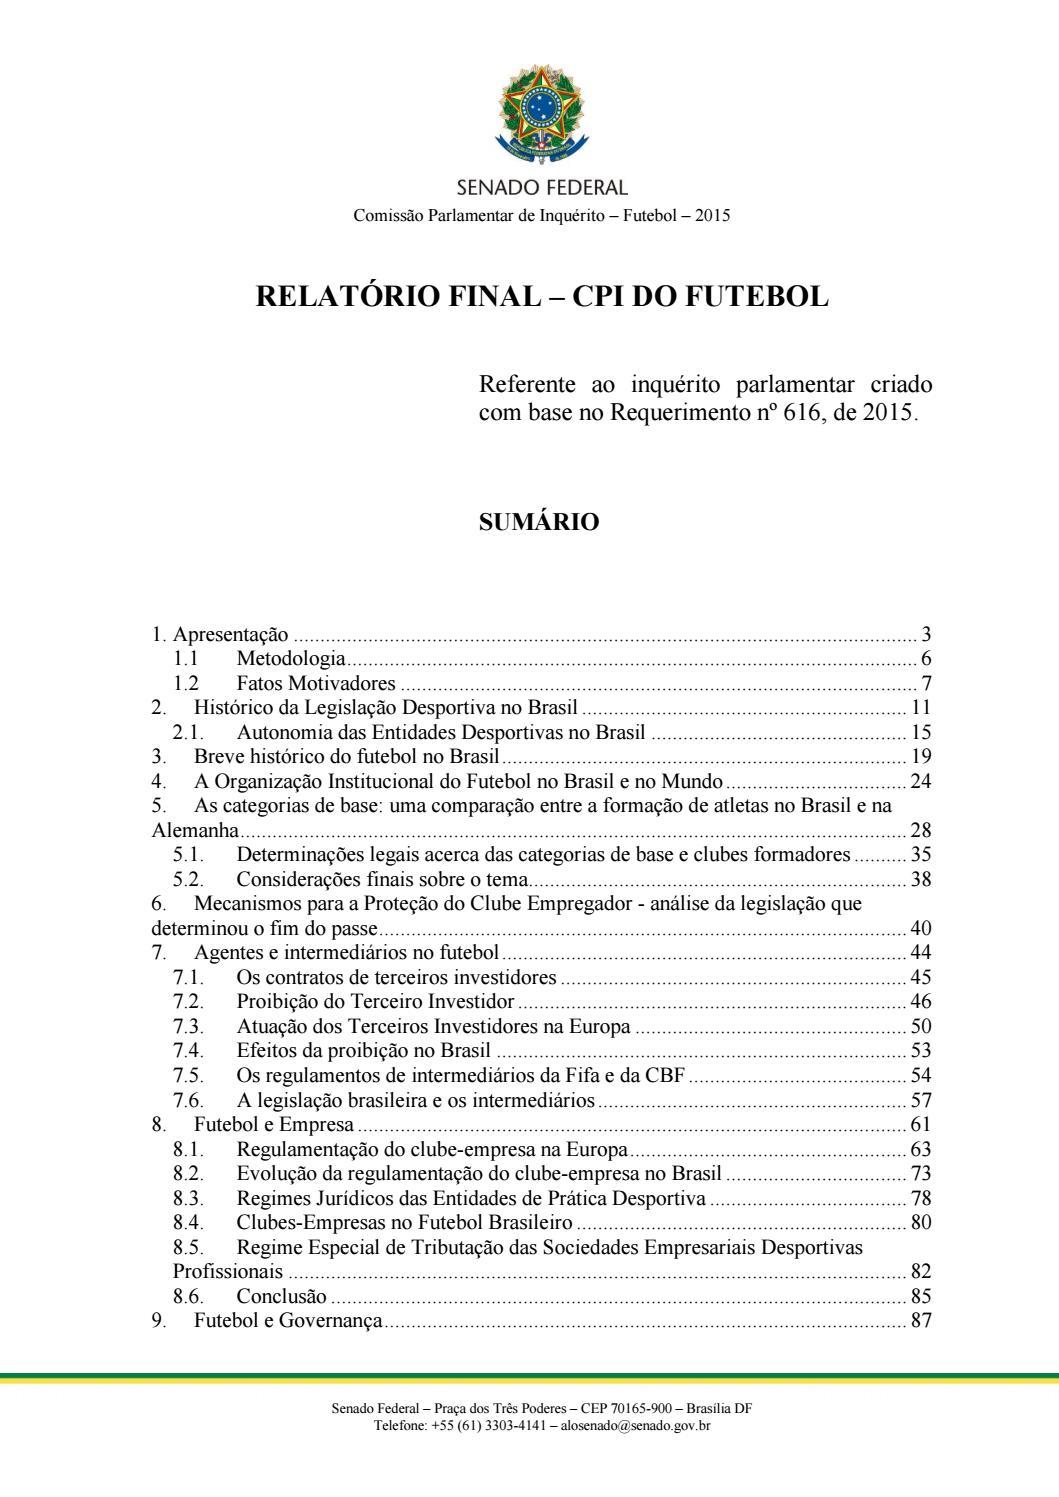 d74cf844845 Romerojucá relatório final cpi futebol entrega by Daniel Reis Duarte Pousa  - issuu